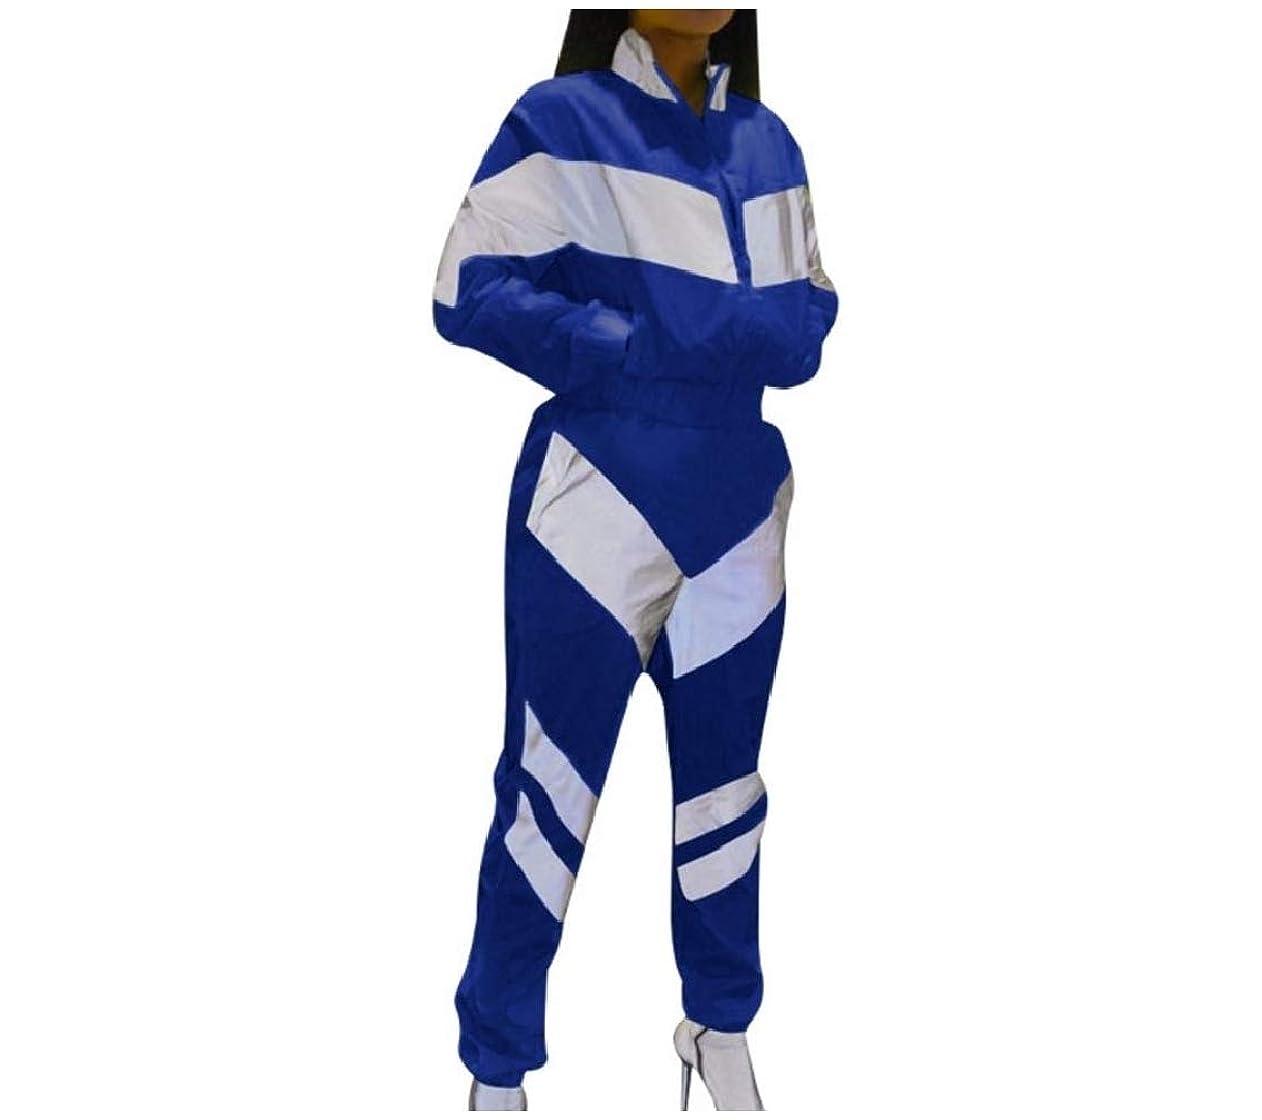 フォークトリクルパールGodeyesW 女性のルーズフィット2ピーストレーニングステッチスポーツウェアトラックスーツ